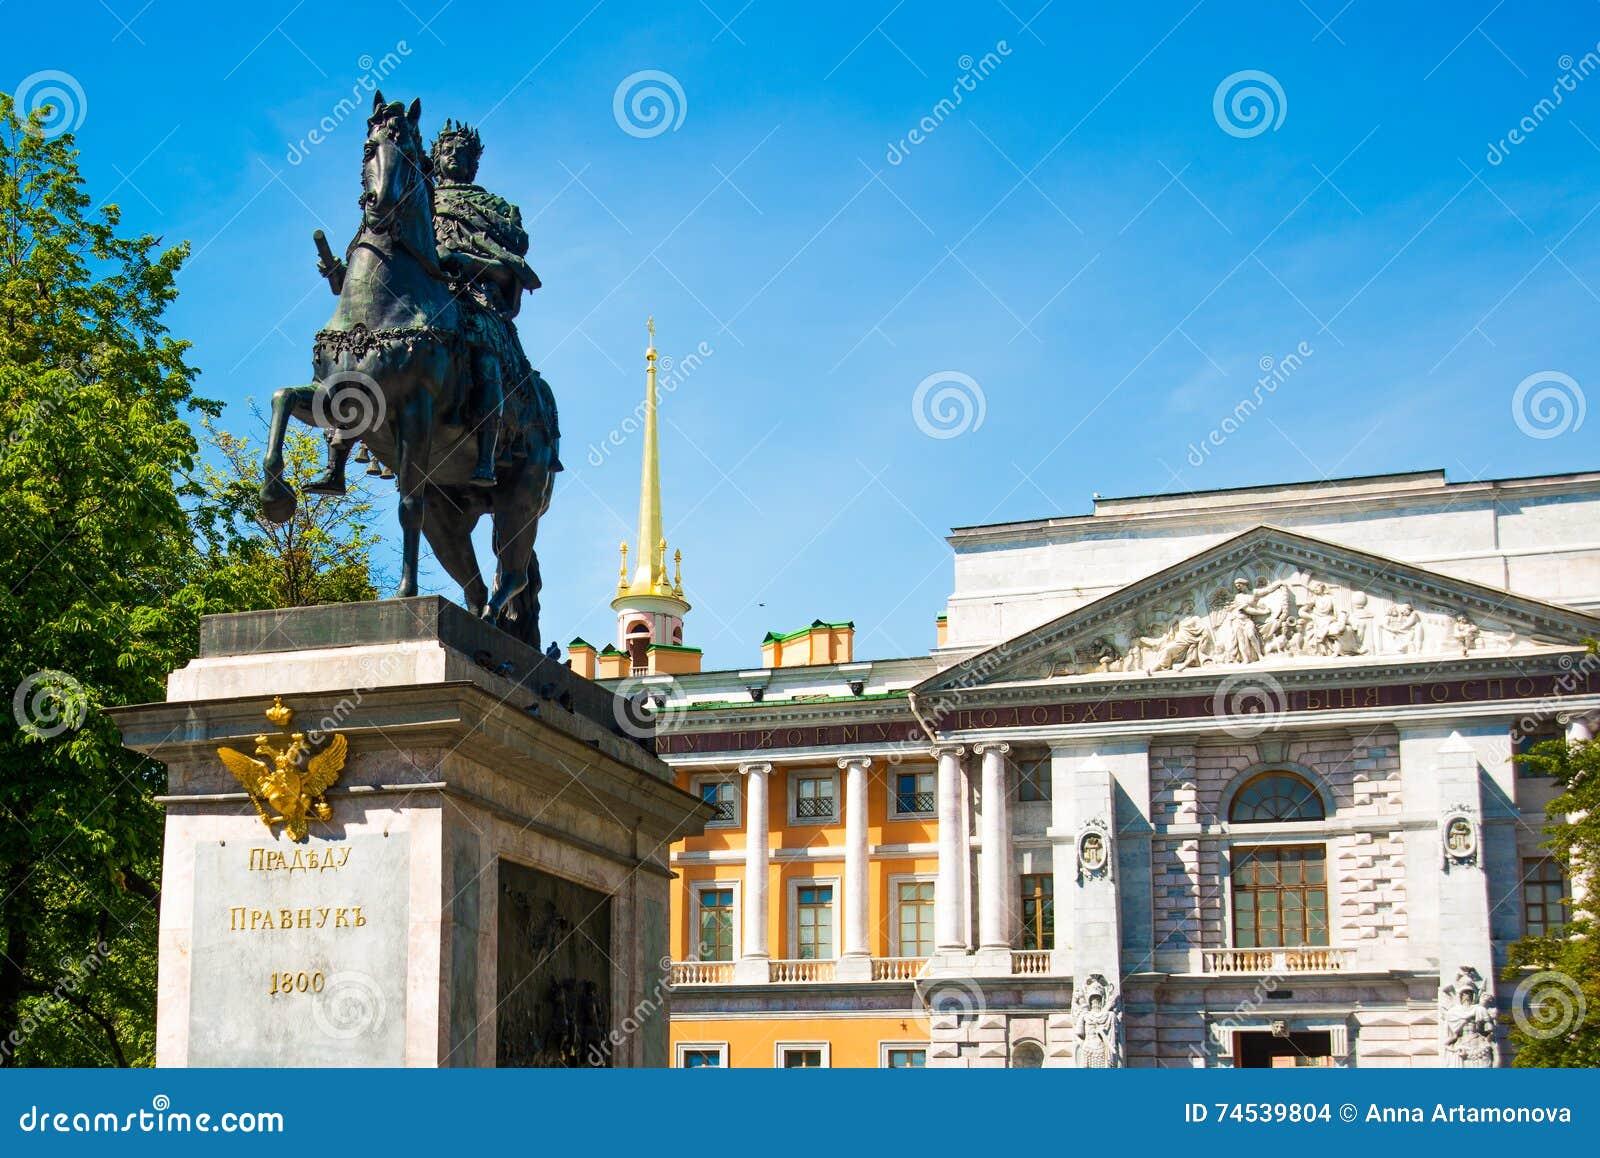 Μνημείο του Μέγας Πέτρου κοντά σε Mikhailovsky Castle, Αγία Πετρούπολη, Ρωσία